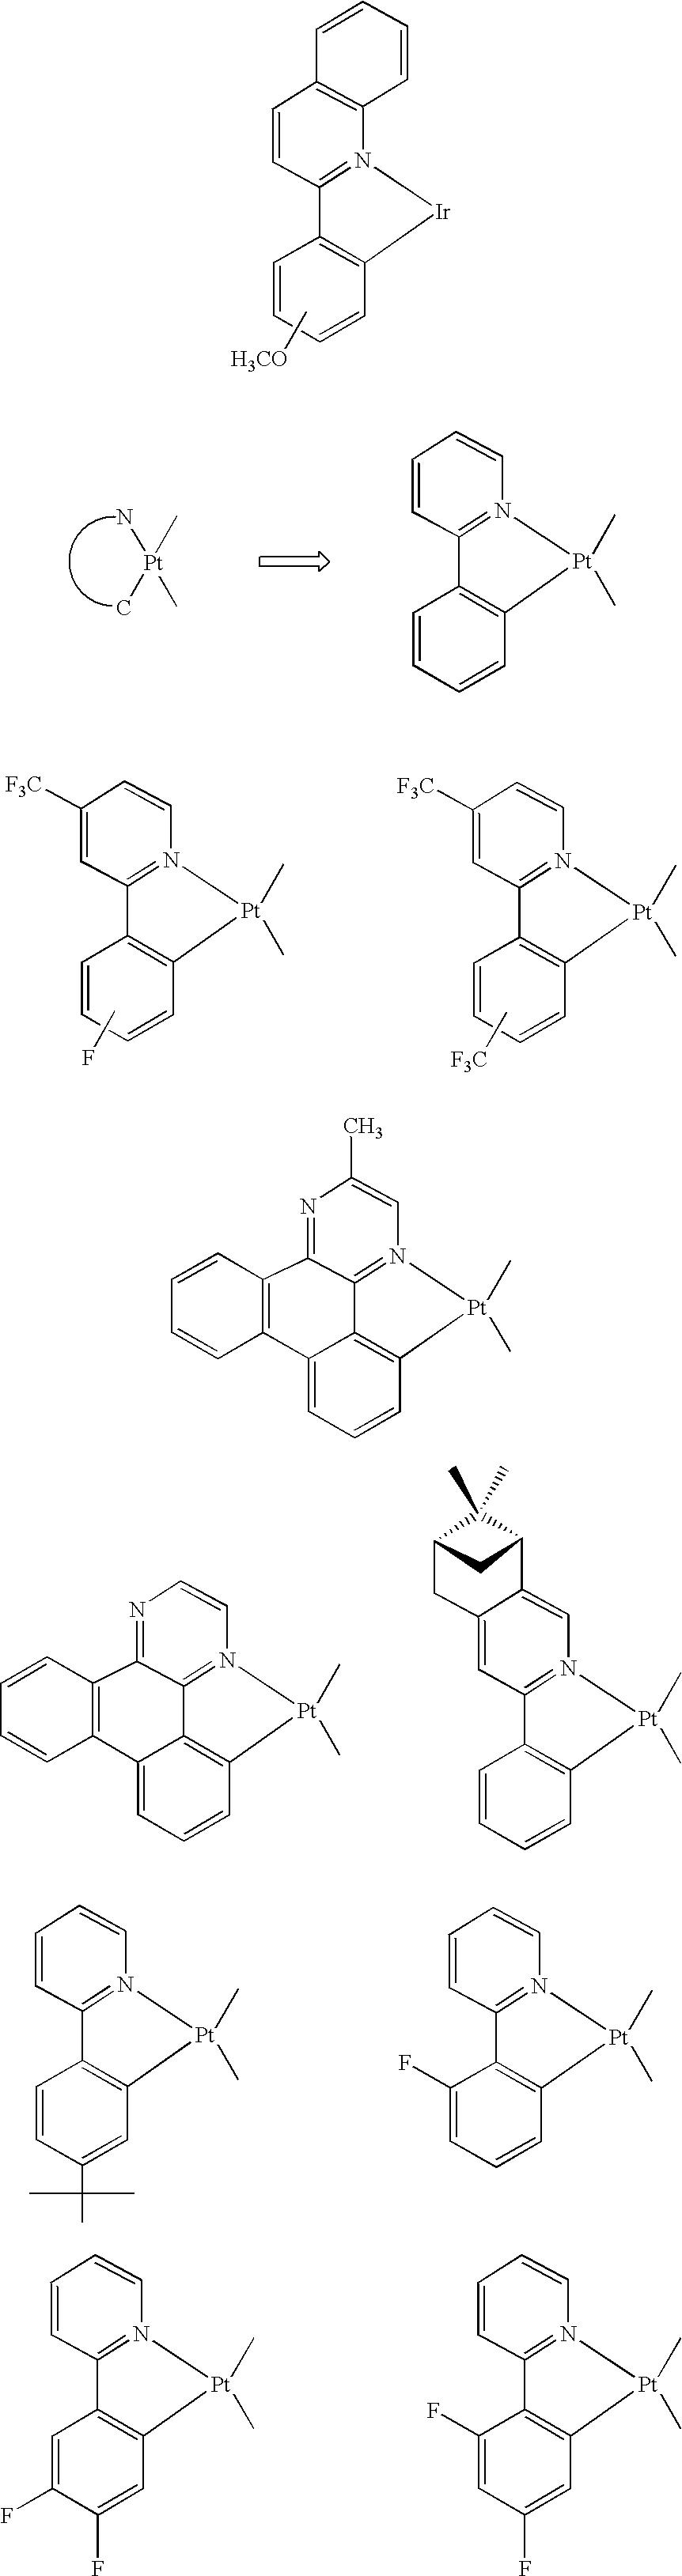 Figure US20040260047A1-20041223-C00010